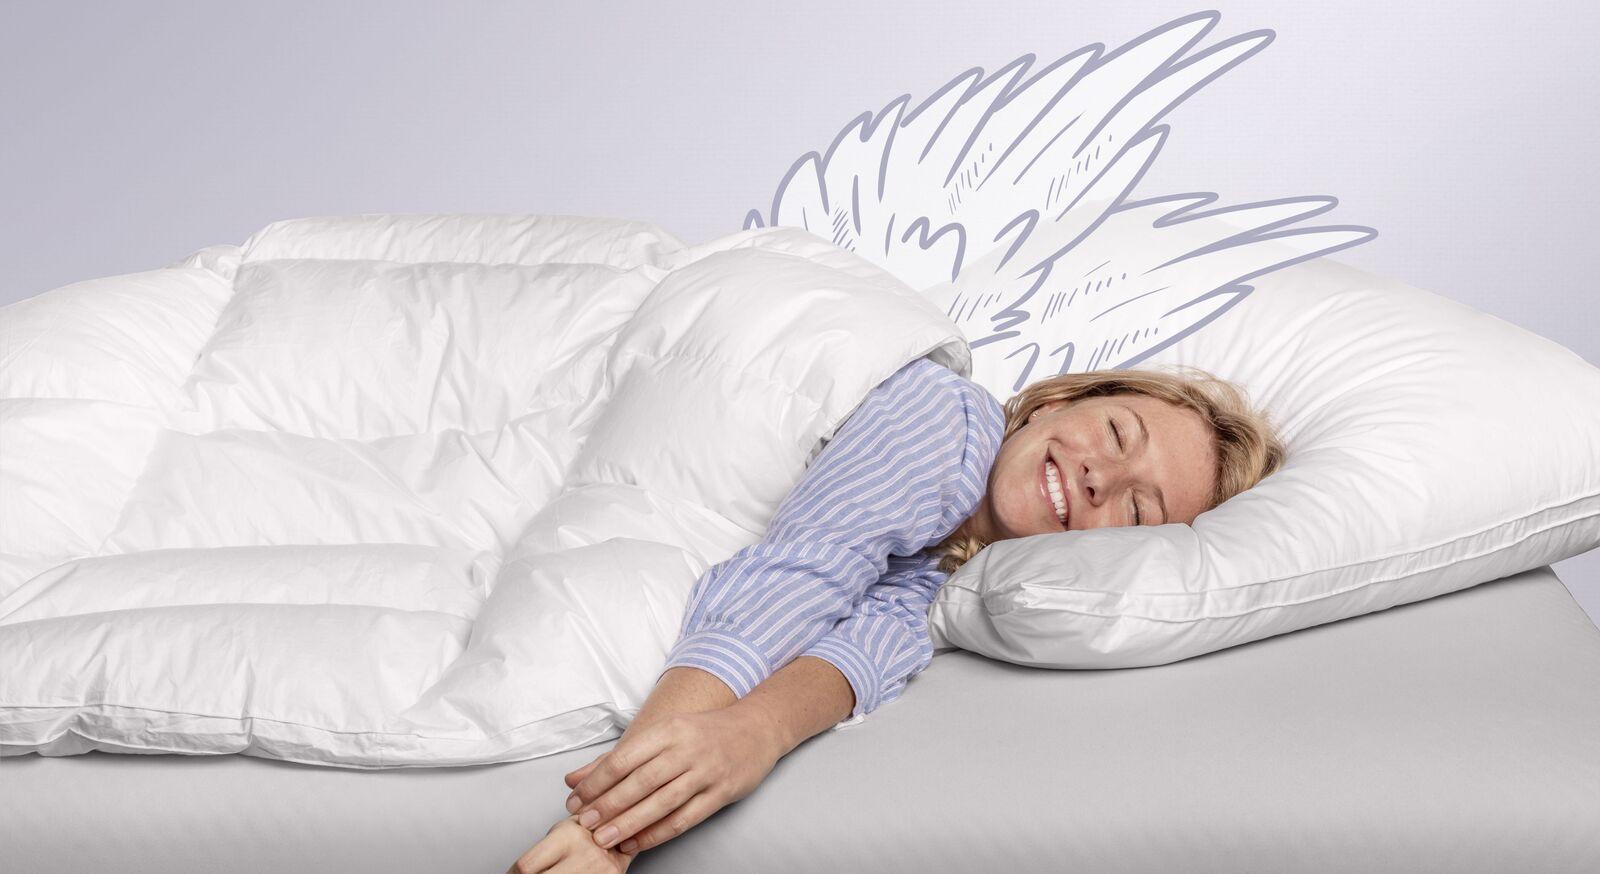 SCHLAFSTIL Eiderdaunen-Bettdecke D1000 in hochwertiger Markenqualität